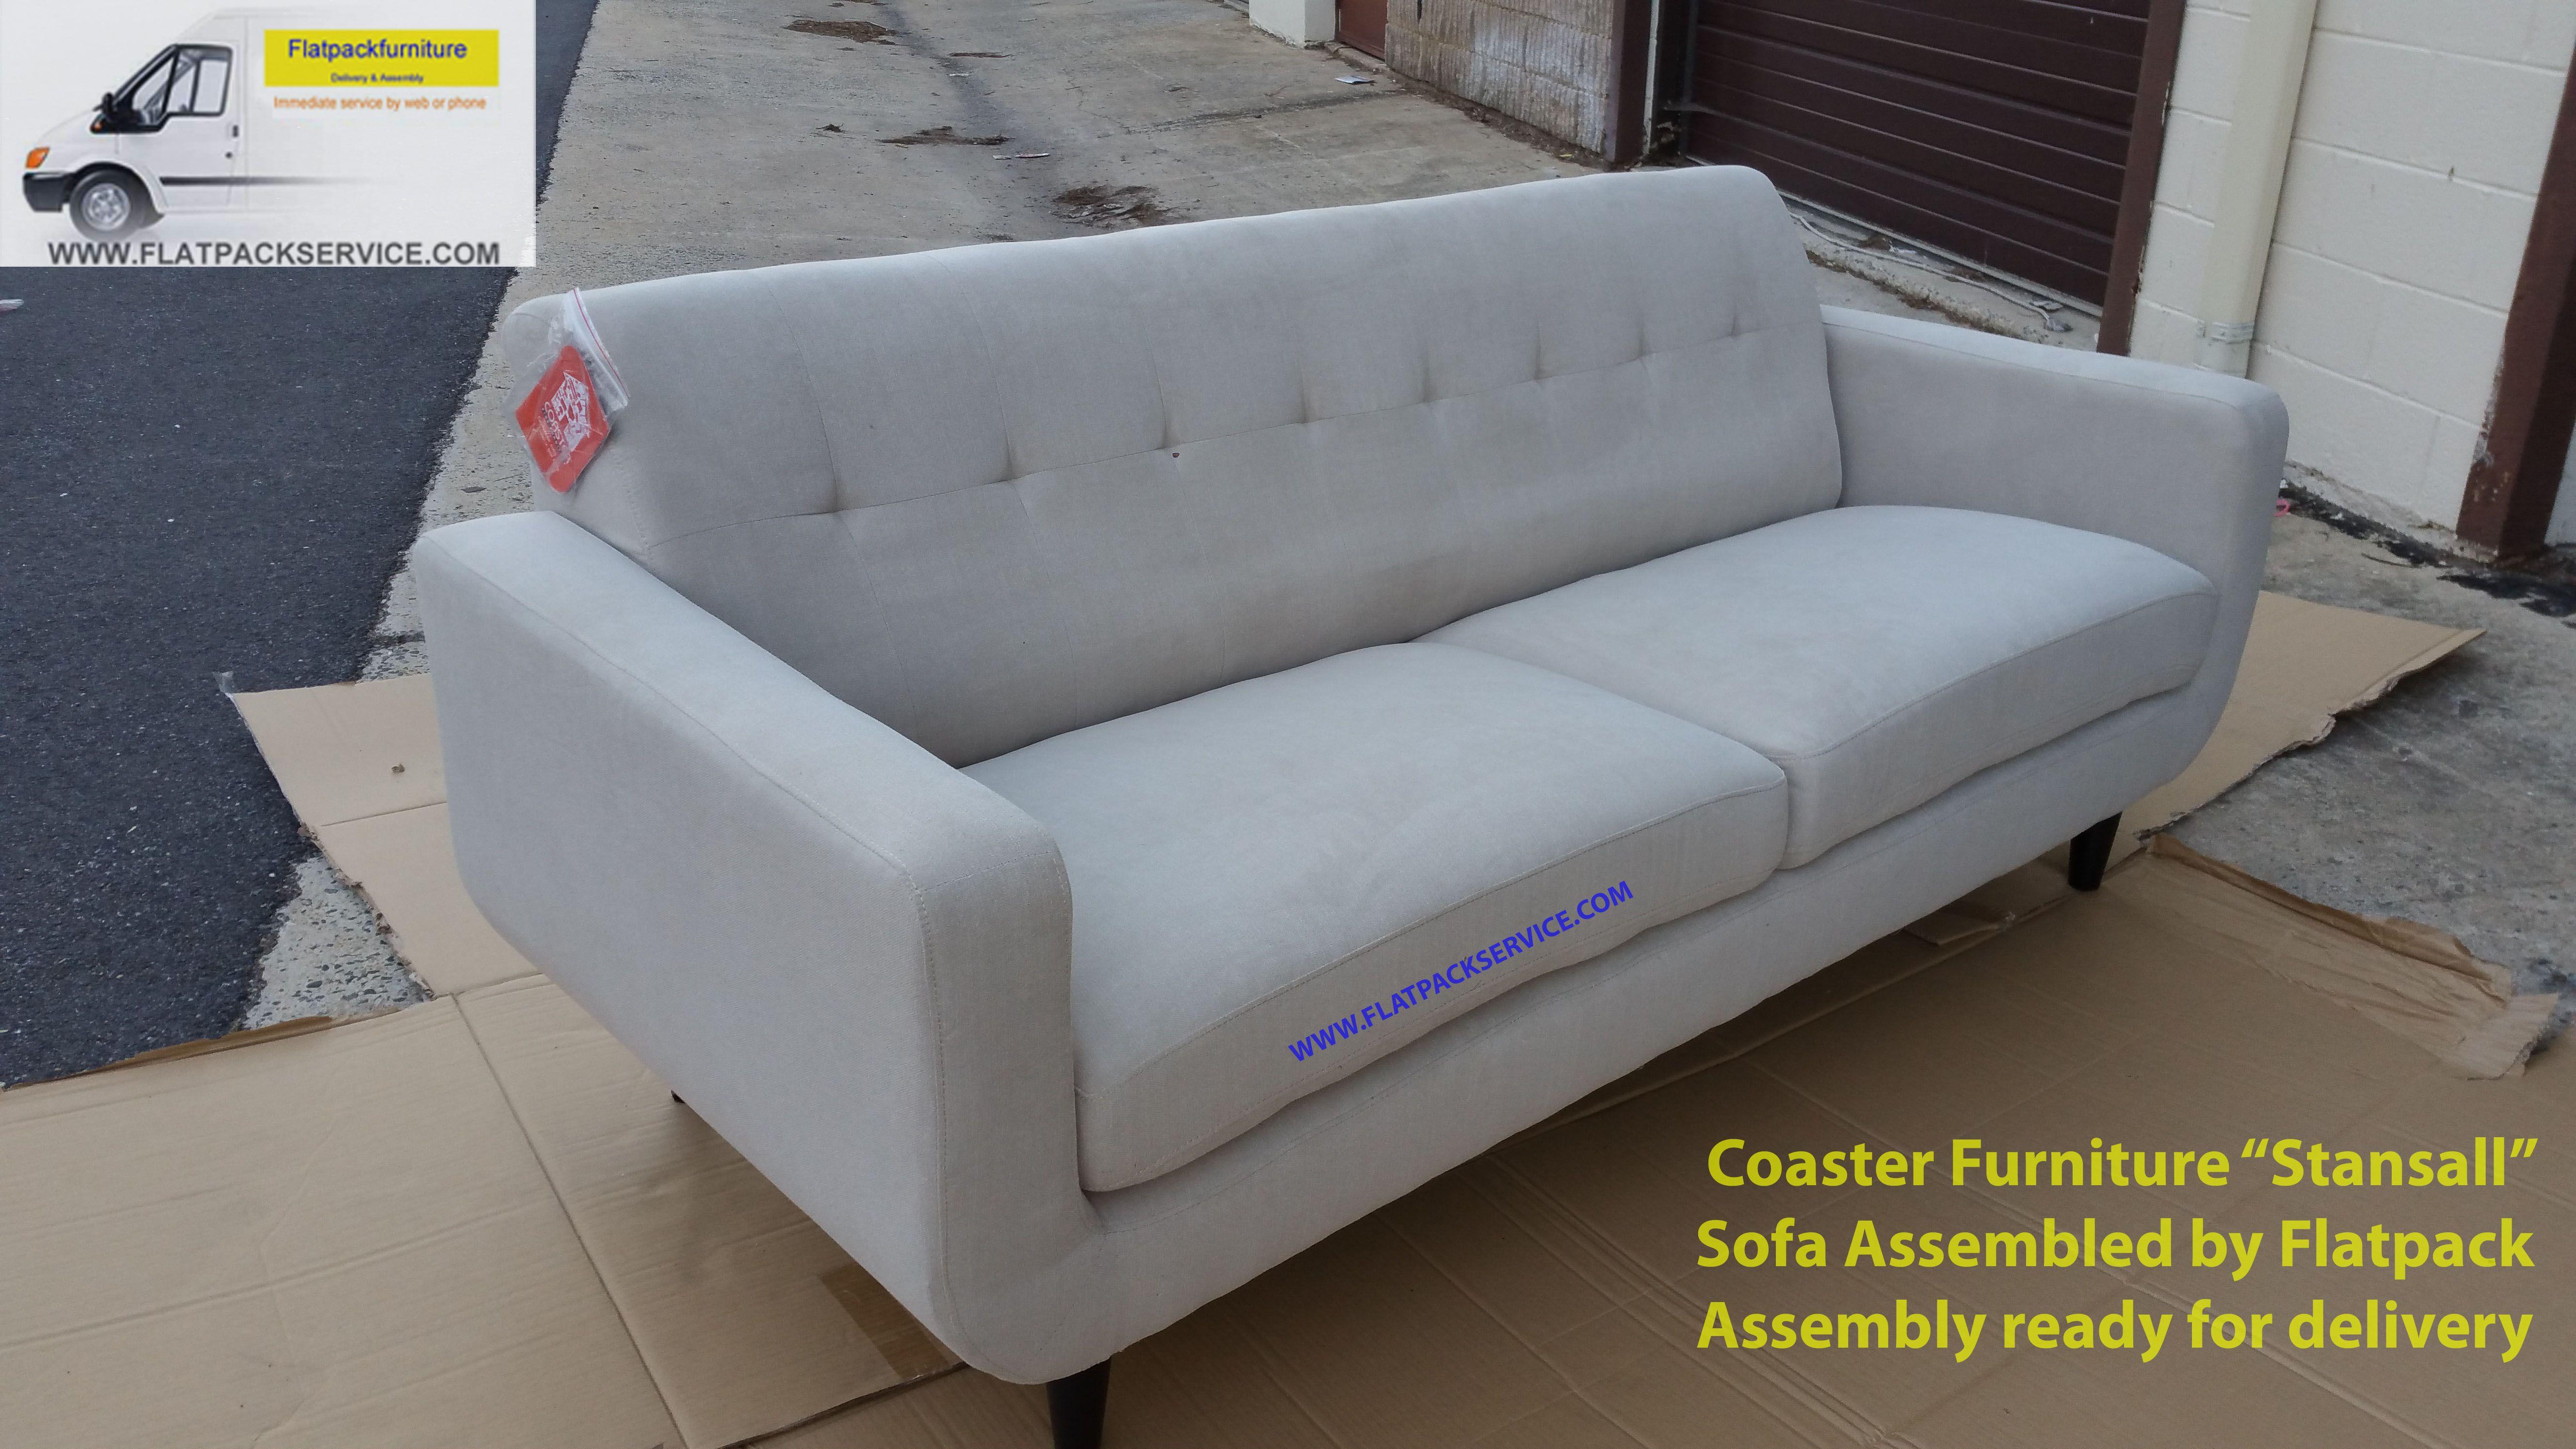 Coaster Furniture Sofa Assembled By Flatpack Assembly 301 971 7219 Contactless Service Sofa Furniture Coaster Furniture Furniture